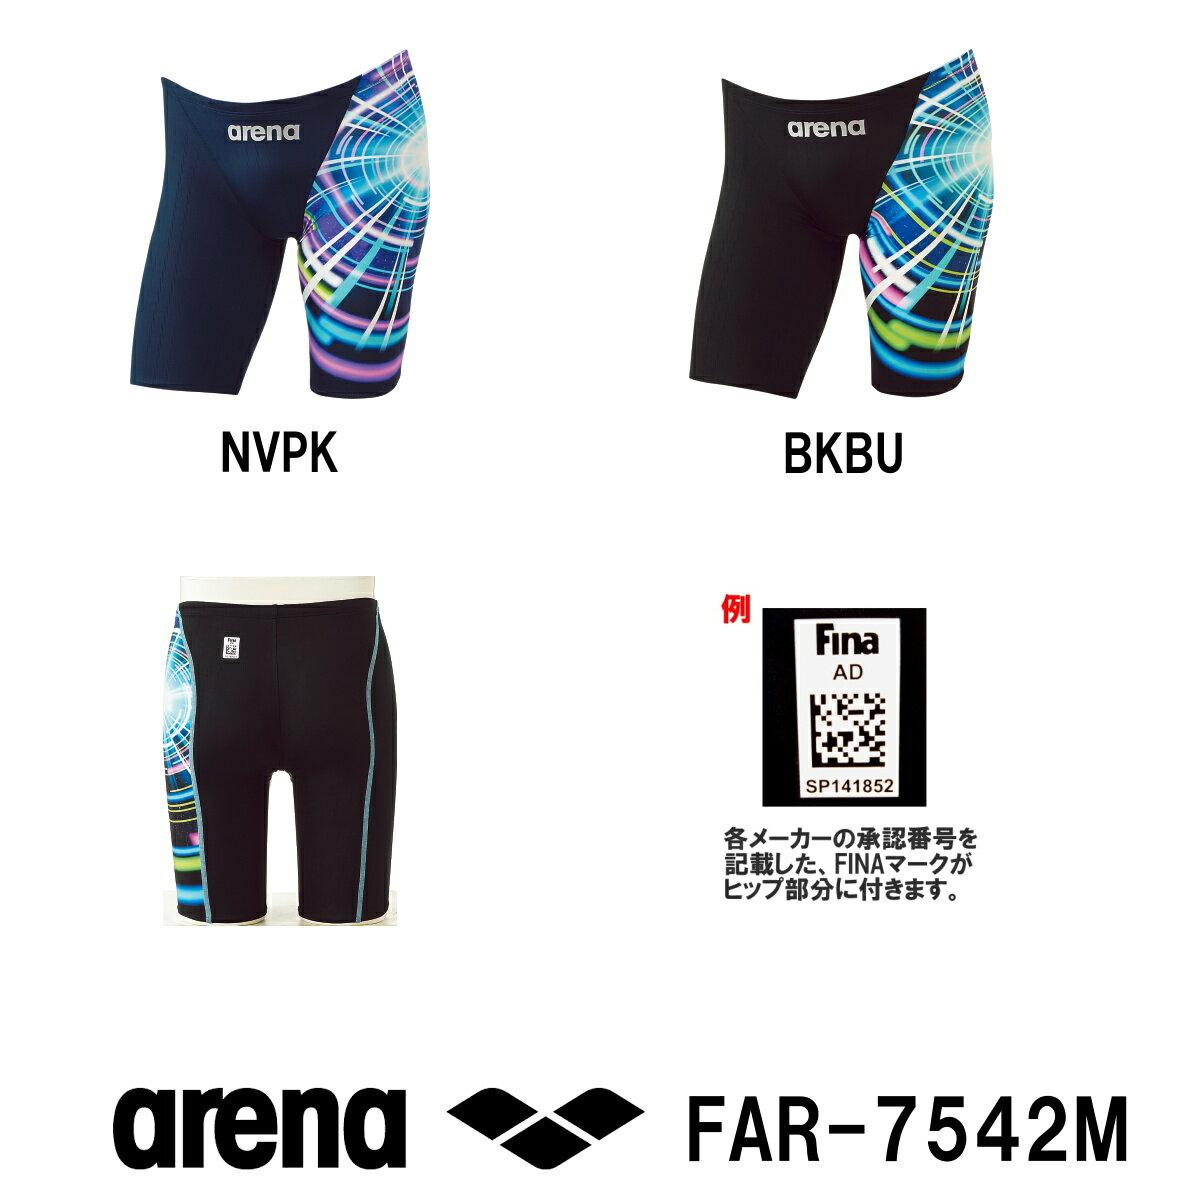 【FAR-7542M】ARENA(アリーナ)メンズ競泳水着X-PYTHON2ハーフスパッツ